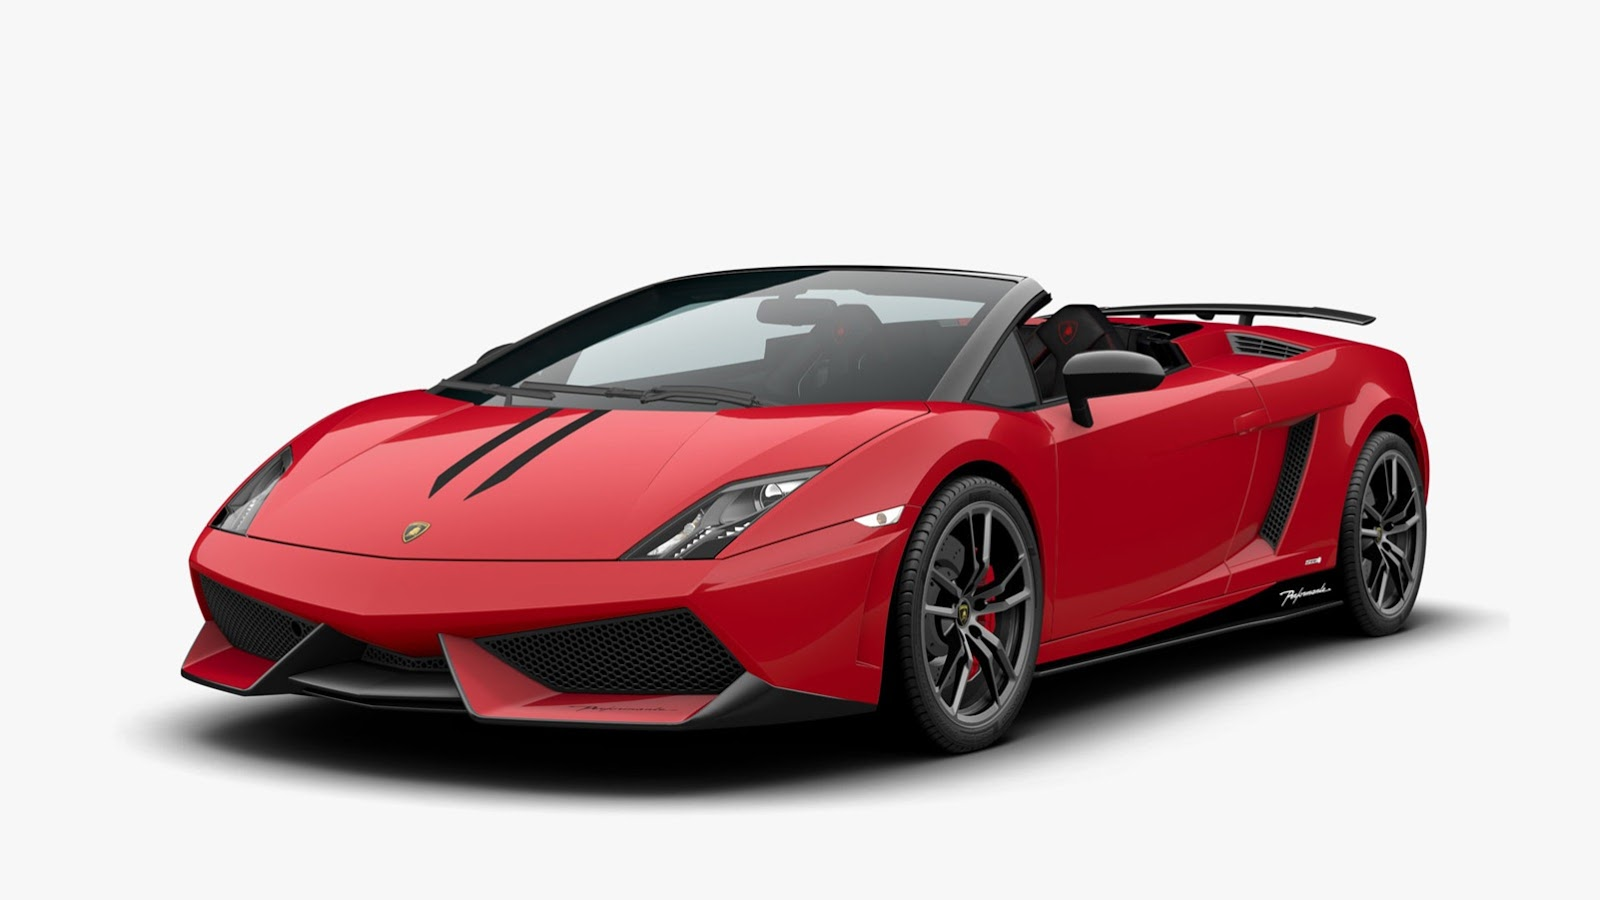 Lamborghini Gallardo Lp Performante Editione Tecnica Photos Free